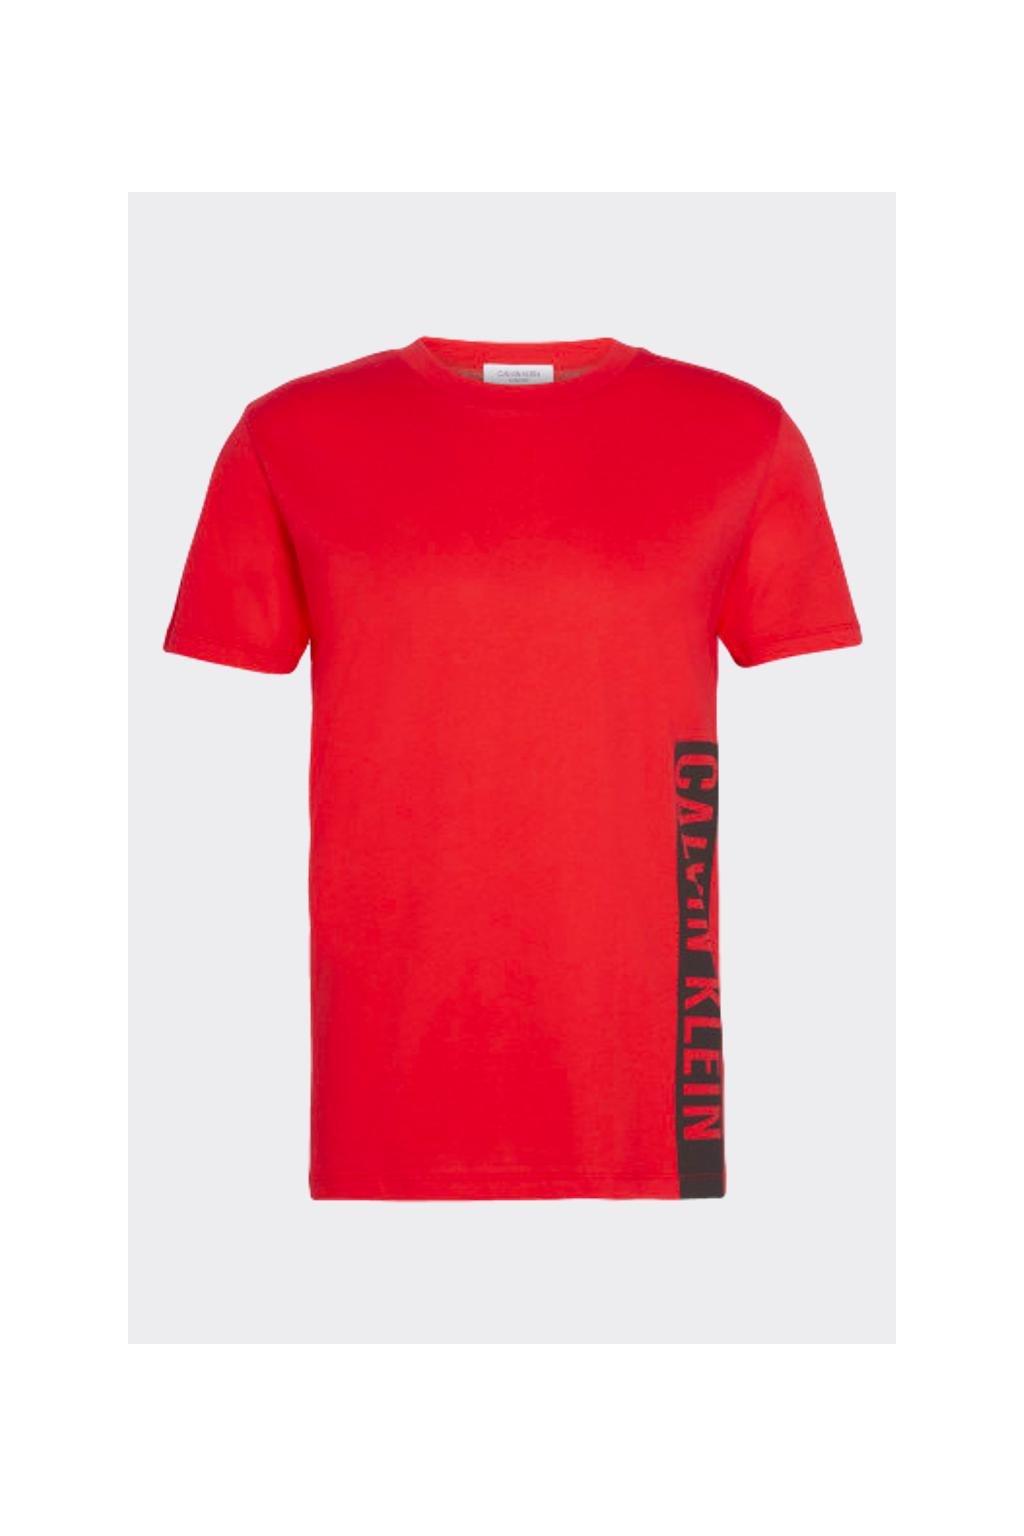 Calvin Klein tričko pánské - červené